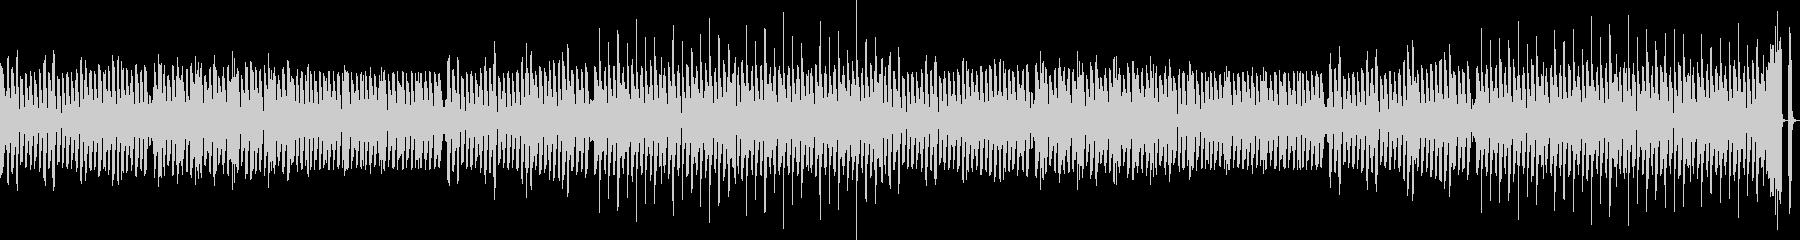 トーク&ゲーム ハッピーアクション155の未再生の波形